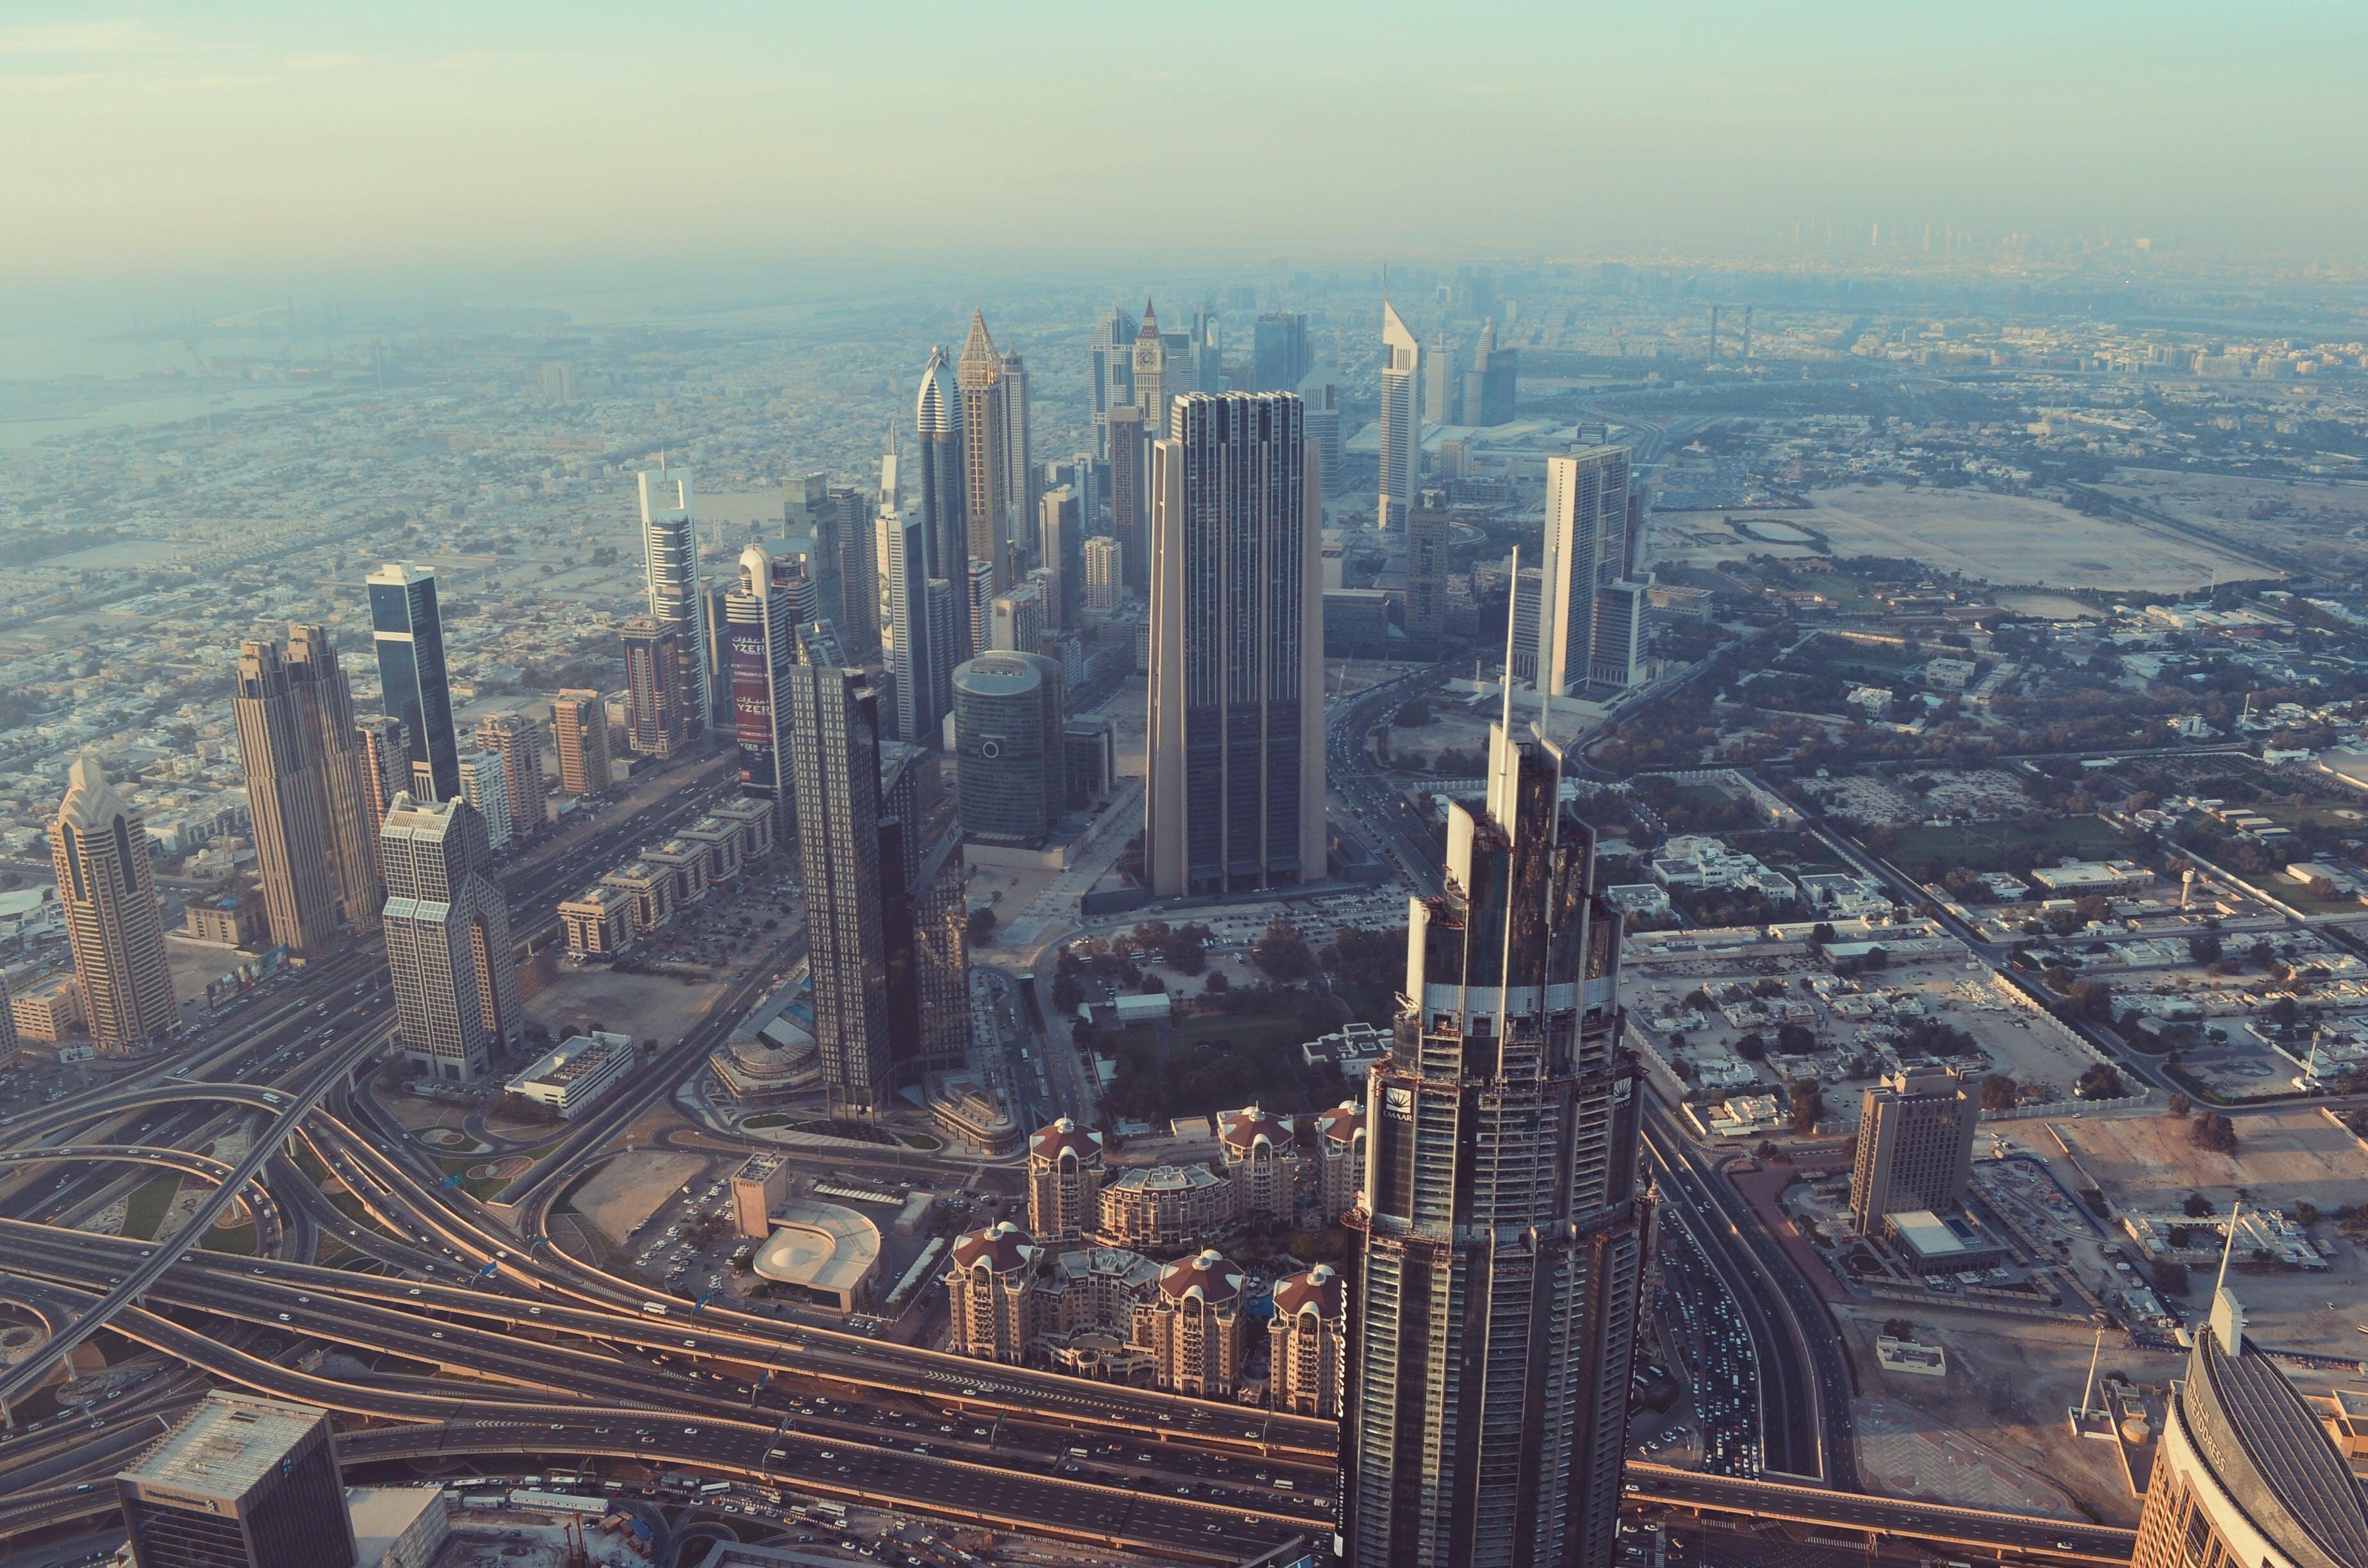 Δωρεάν στοκ φωτογραφιών με burj khalifa, dubai, ουρανοξύστης, πόλη